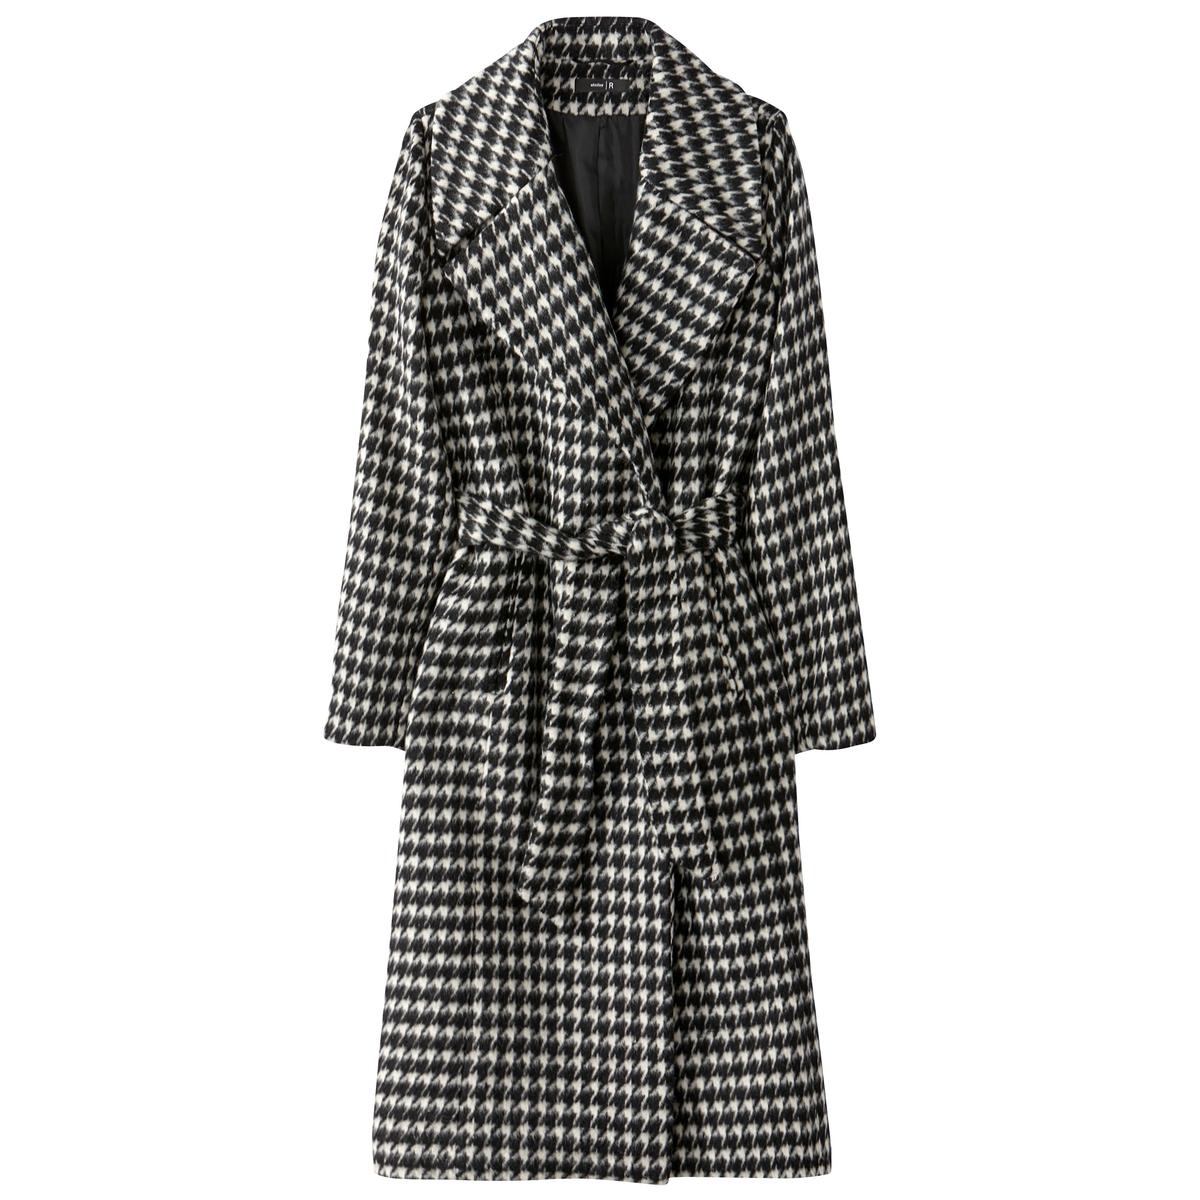 Пальто длинное в клеткуОписание:элегантное пальто с драповым эффектом идеально для осени и весны. Пиджачный воротник и 2 кармана. Длинное пальто с поясом.Детали •  Длина : удлиненная модель •  Воротник пиджачный •  Рисунок гусиная лапка •  Застежка на кнопкиСостав и уход •  20% шерсть, 35% полиэстер, 35% акрил, 10% - других волокон. •  Подкладка : 100% полиэстер •  Следуйте рекомендациям по уходу, указанным на этикетке изделия •  Длина : 112 см<br><br>Цвет: узор куриная лапка<br>Размер: 50 (FR) - 56 (RUS).48 (FR) - 54 (RUS).42 (FR) - 48 (RUS).44 (FR) - 50 (RUS)